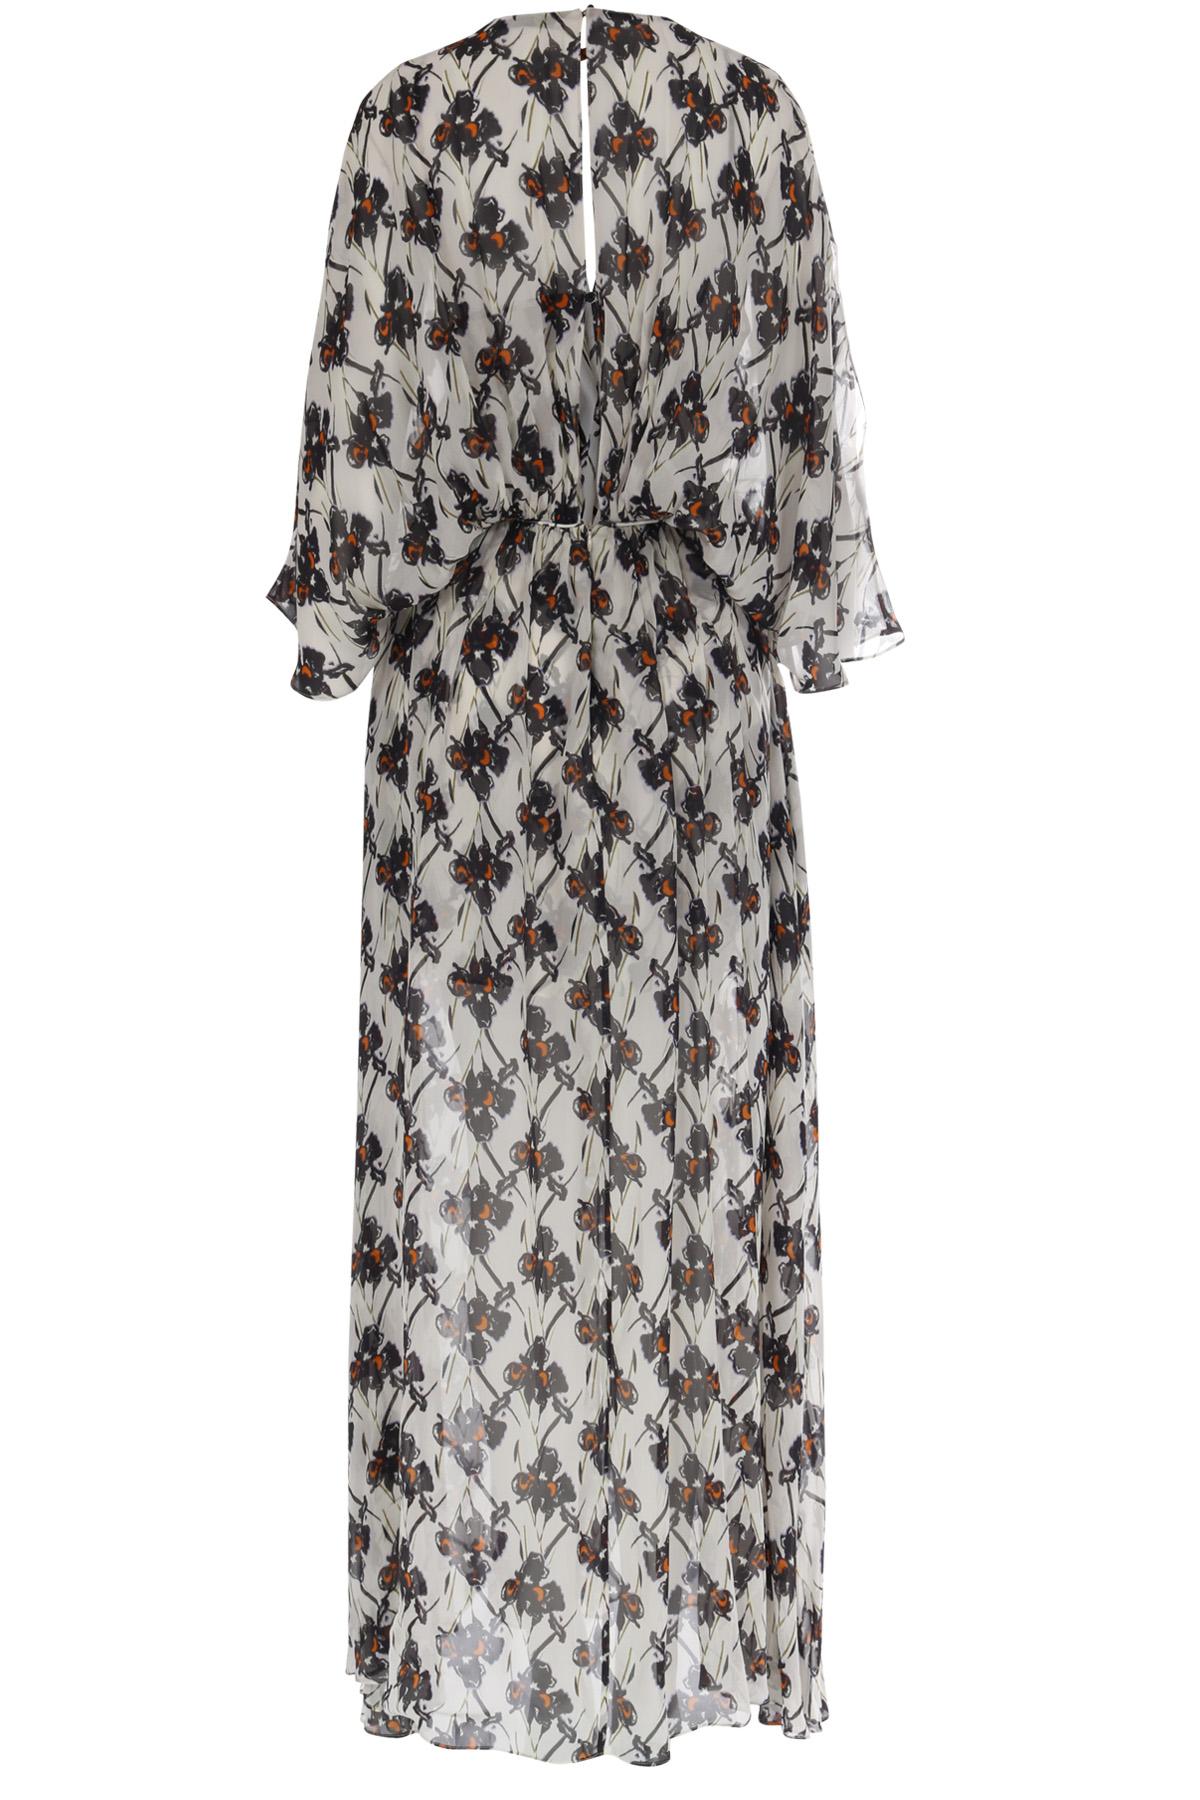 4f1831e74f07d ... Vorschau  Dorothee Schumacher - Kleid mit floralem Druck